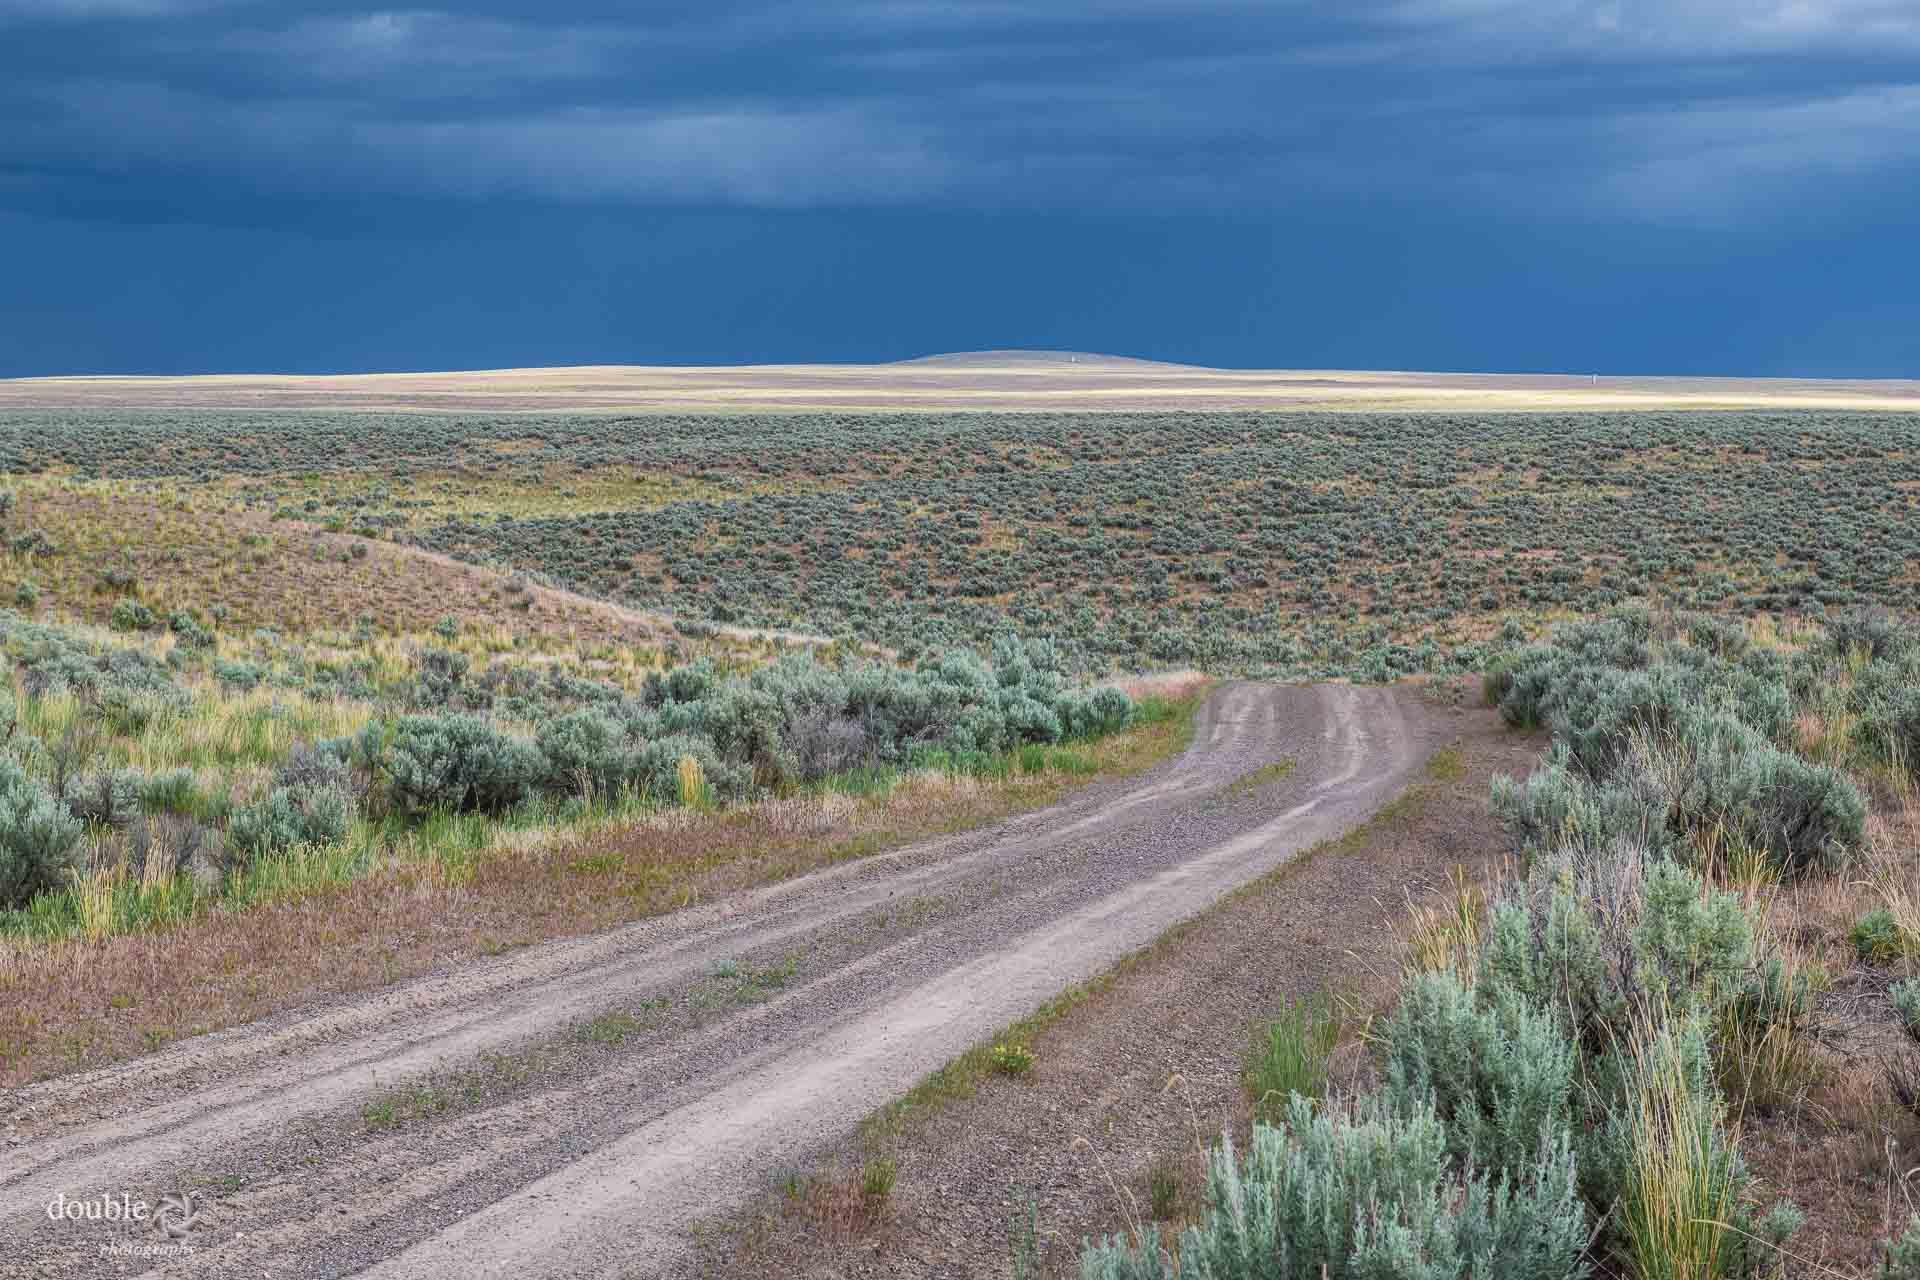 desert scene, heavy sky